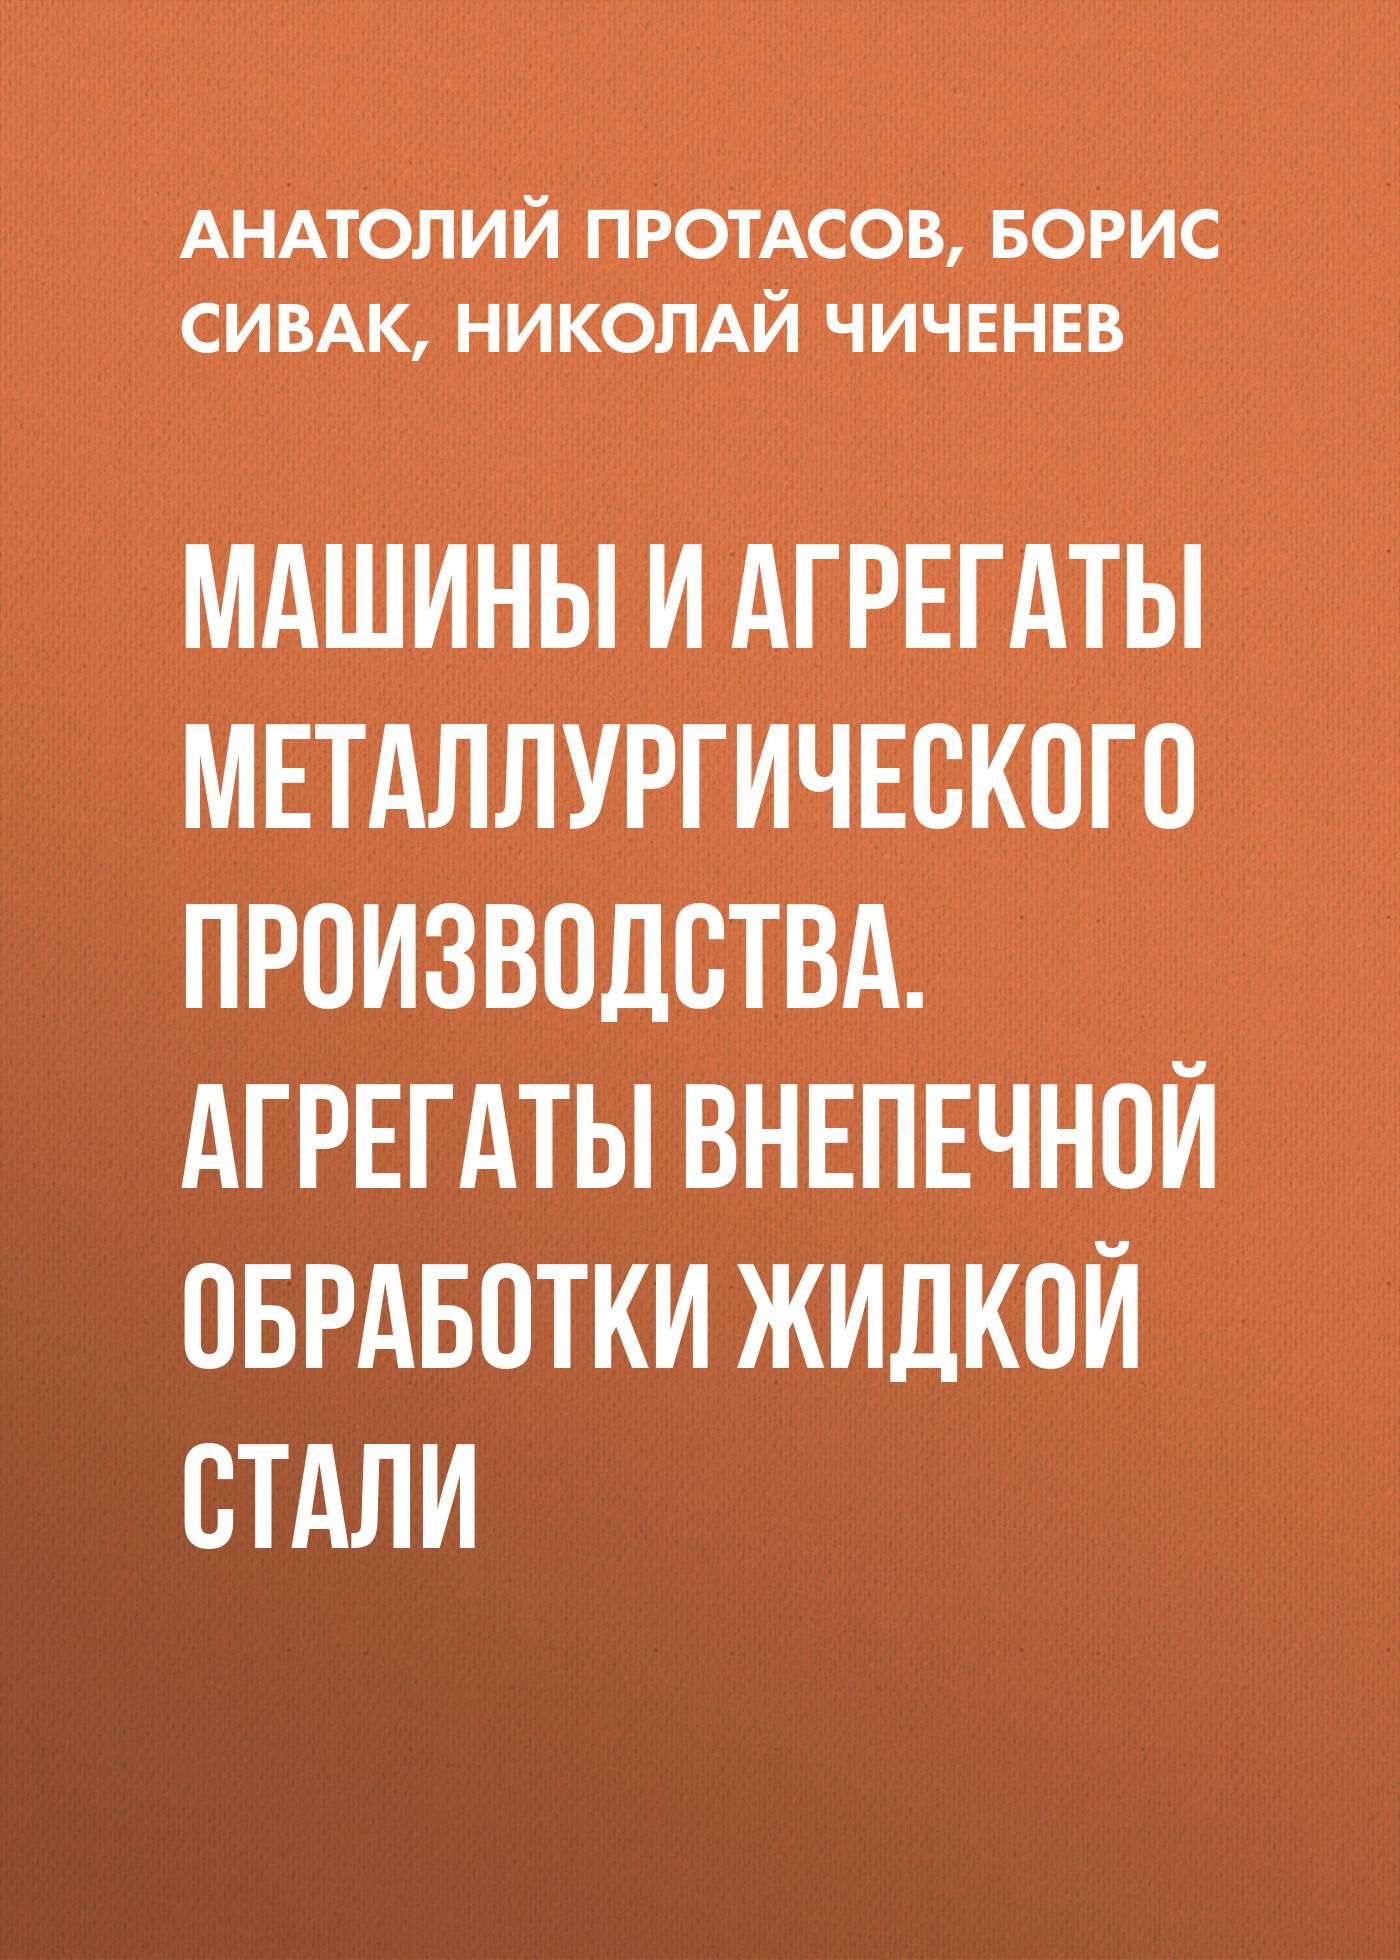 Николай Чиченев Машины и агрегаты металлургического производства. Агрегаты внепечной обработки жидкой стали